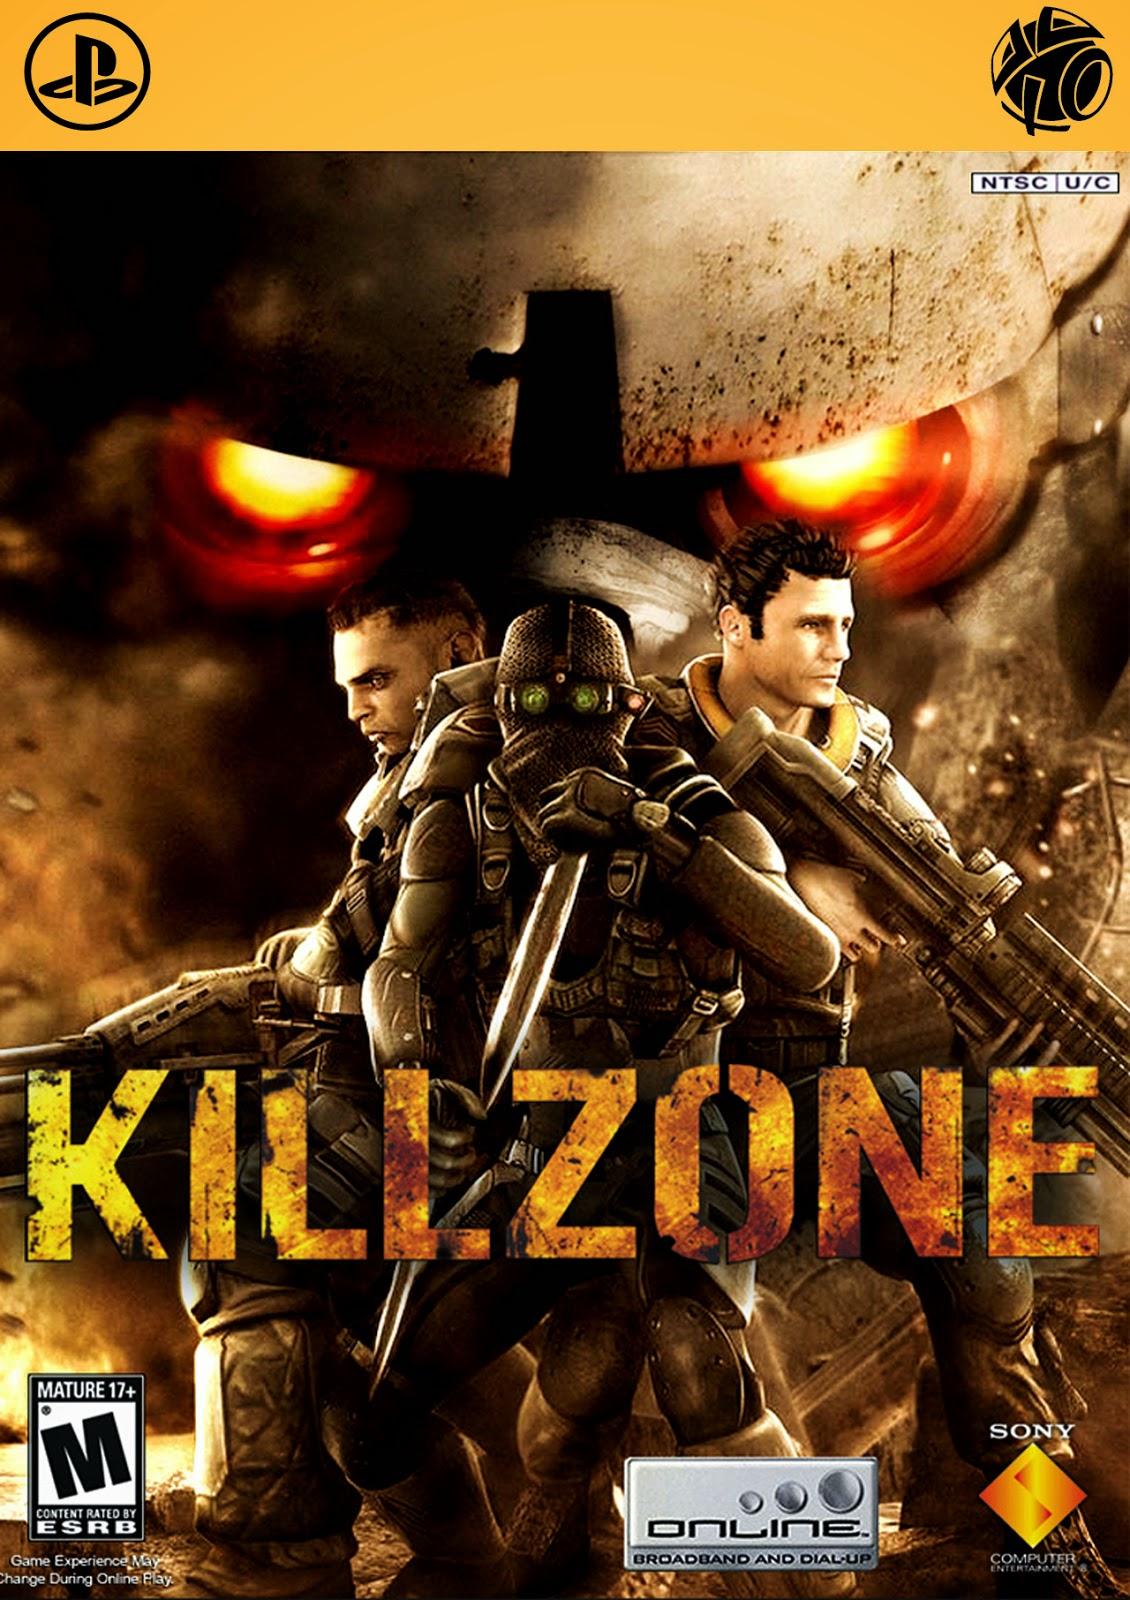 KillZone [PS2]